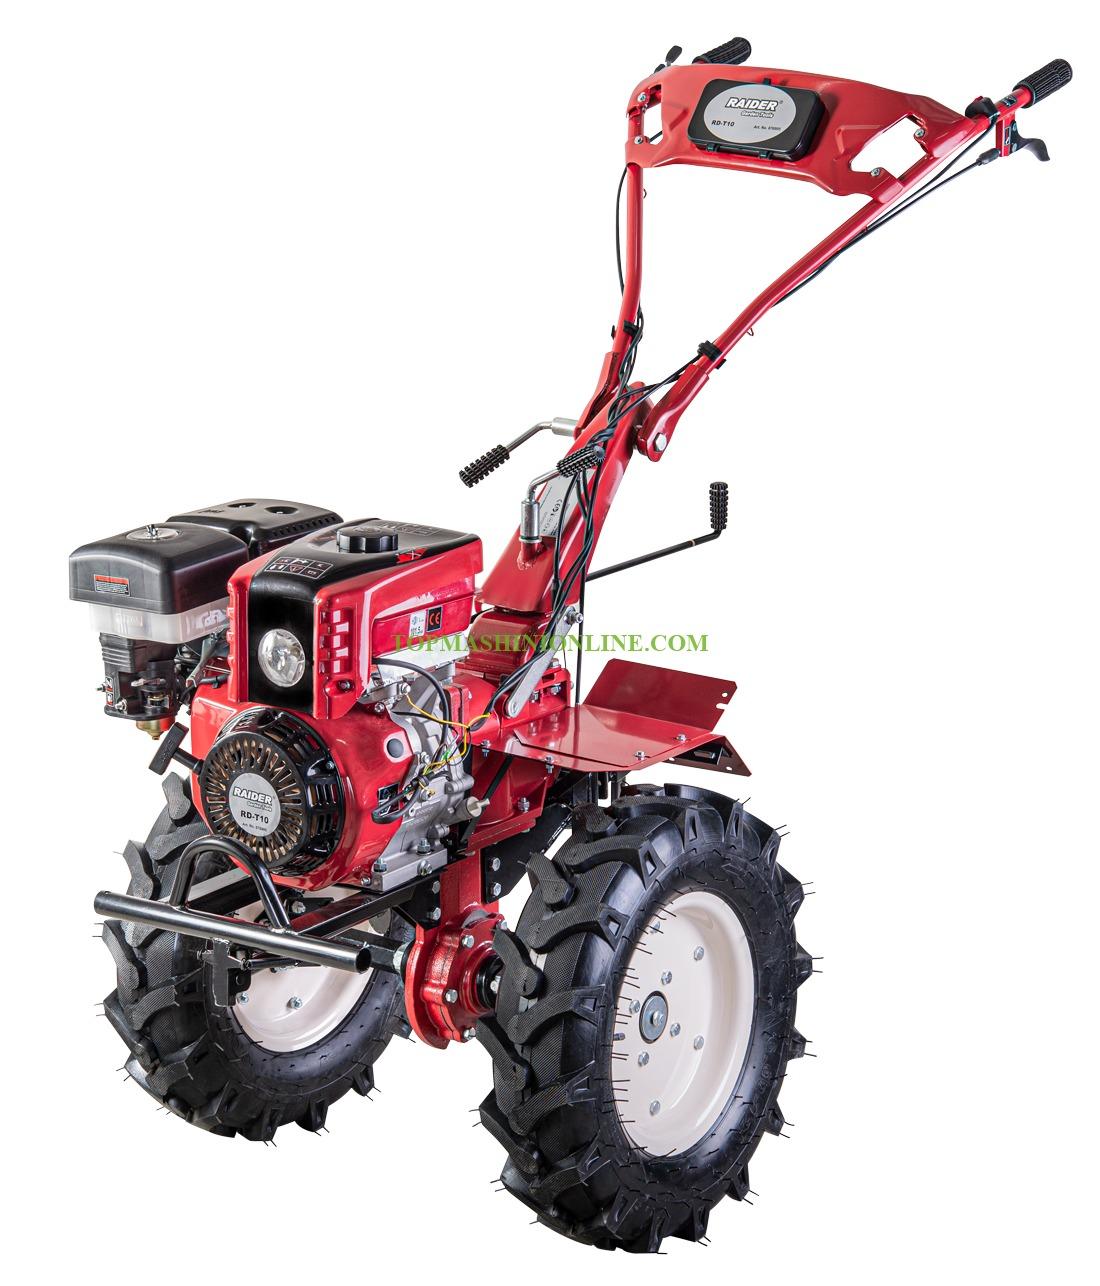 Бензинова мотофреза Raider RD-T10 9.7 kW, 389 см³, 13.0 HP, 1400 мм, с инвентар, 2 предна и 1 задна скорост, 076905 image